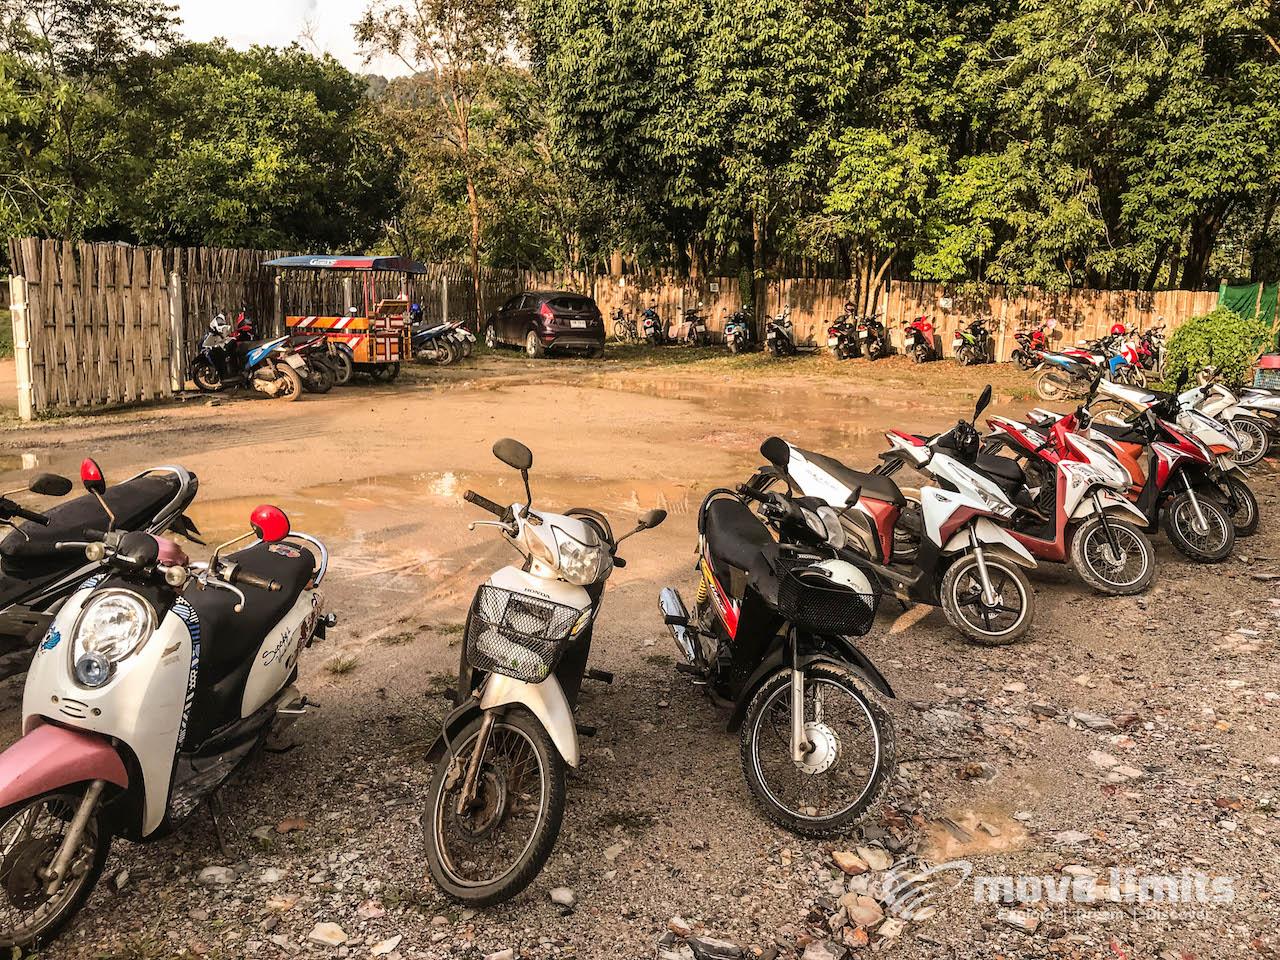 scooter - Remote arbeiten - Auf Koh Lanta bei den Digitalen Nomaden - movelimits.de